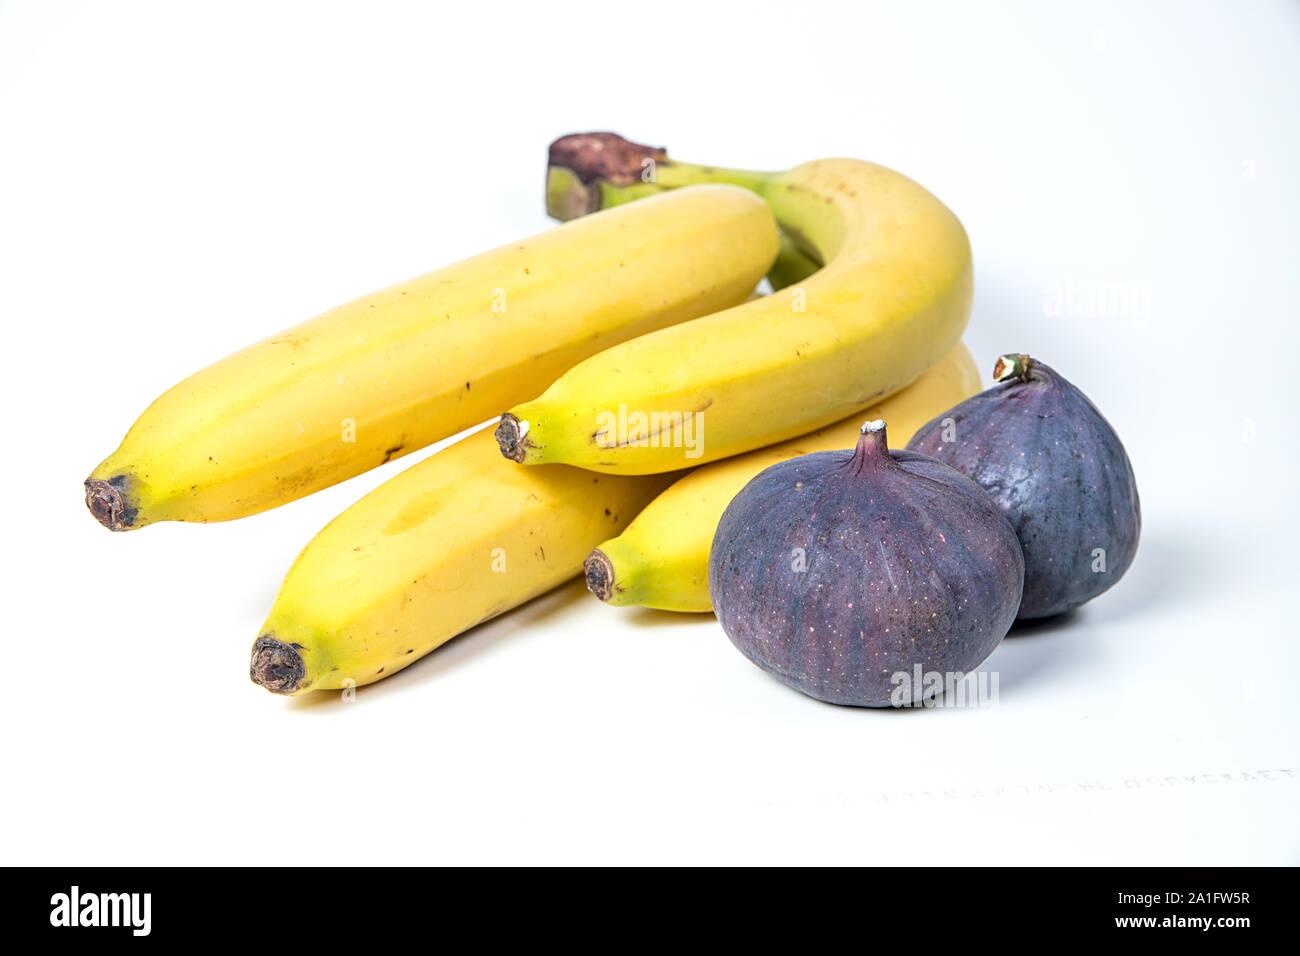 Figues et bananes, de beaux fruits, bananes, figues violettes, close-up, les vitamines concept, végétaliens, une saine alimentation, Banque D'Images